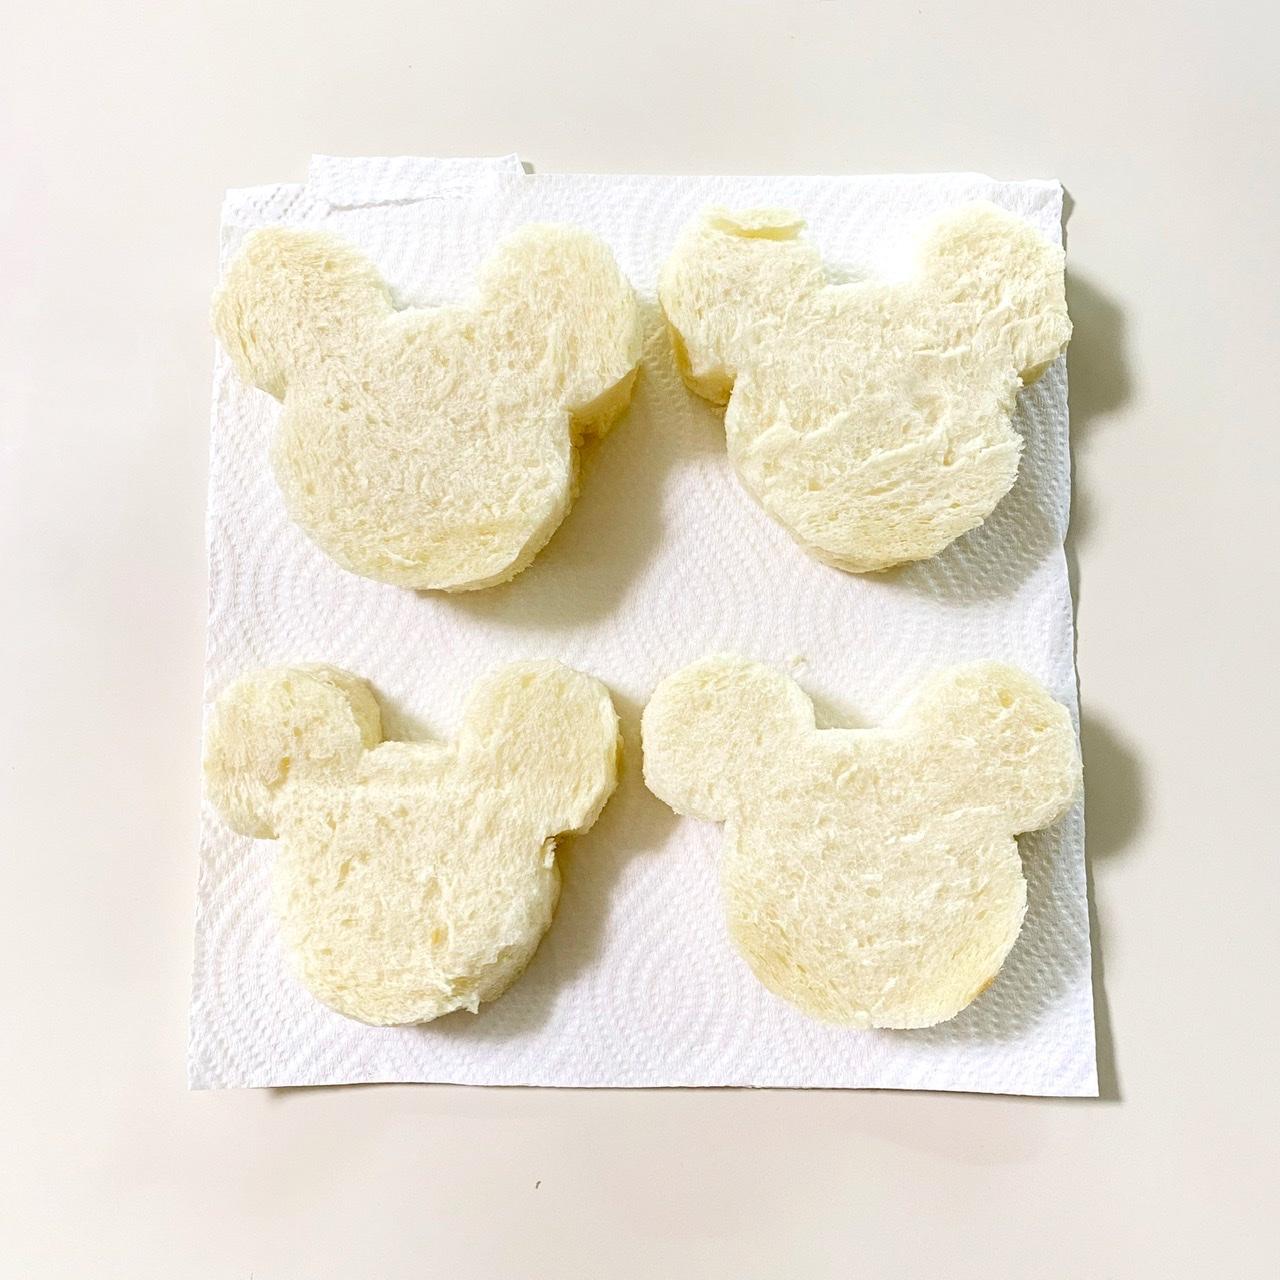 【ディズニーランド】のフレンチトースト♡公式レシピで作ってみました!_2